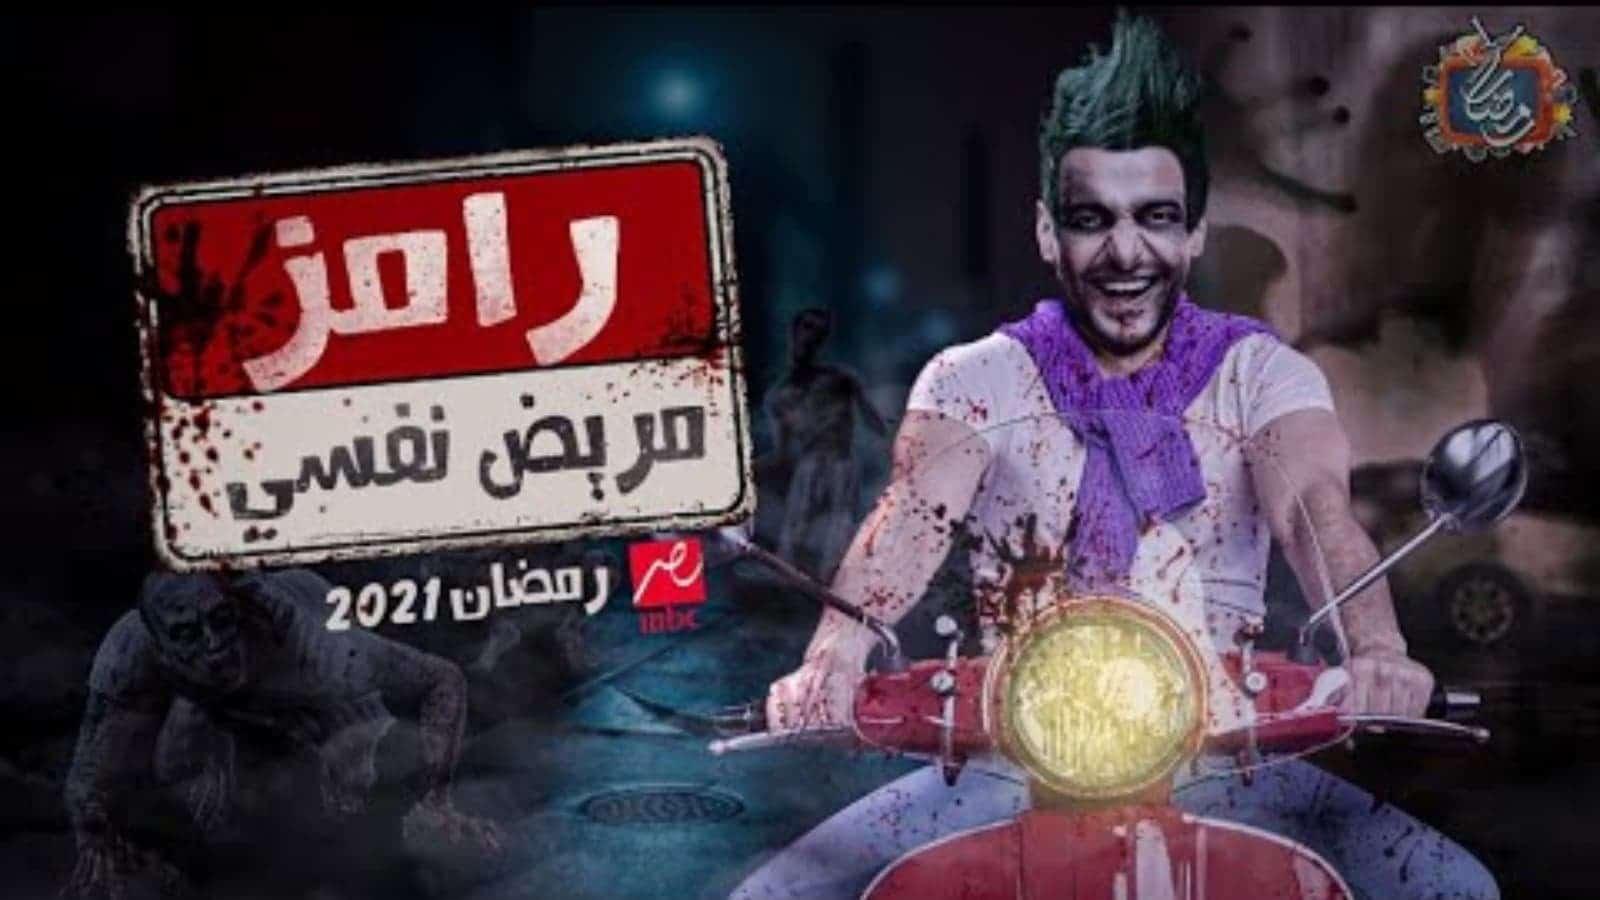 فنان مصري شهير يفضح مقالب رامز جلال التي ستعرض في رمضان المقبل